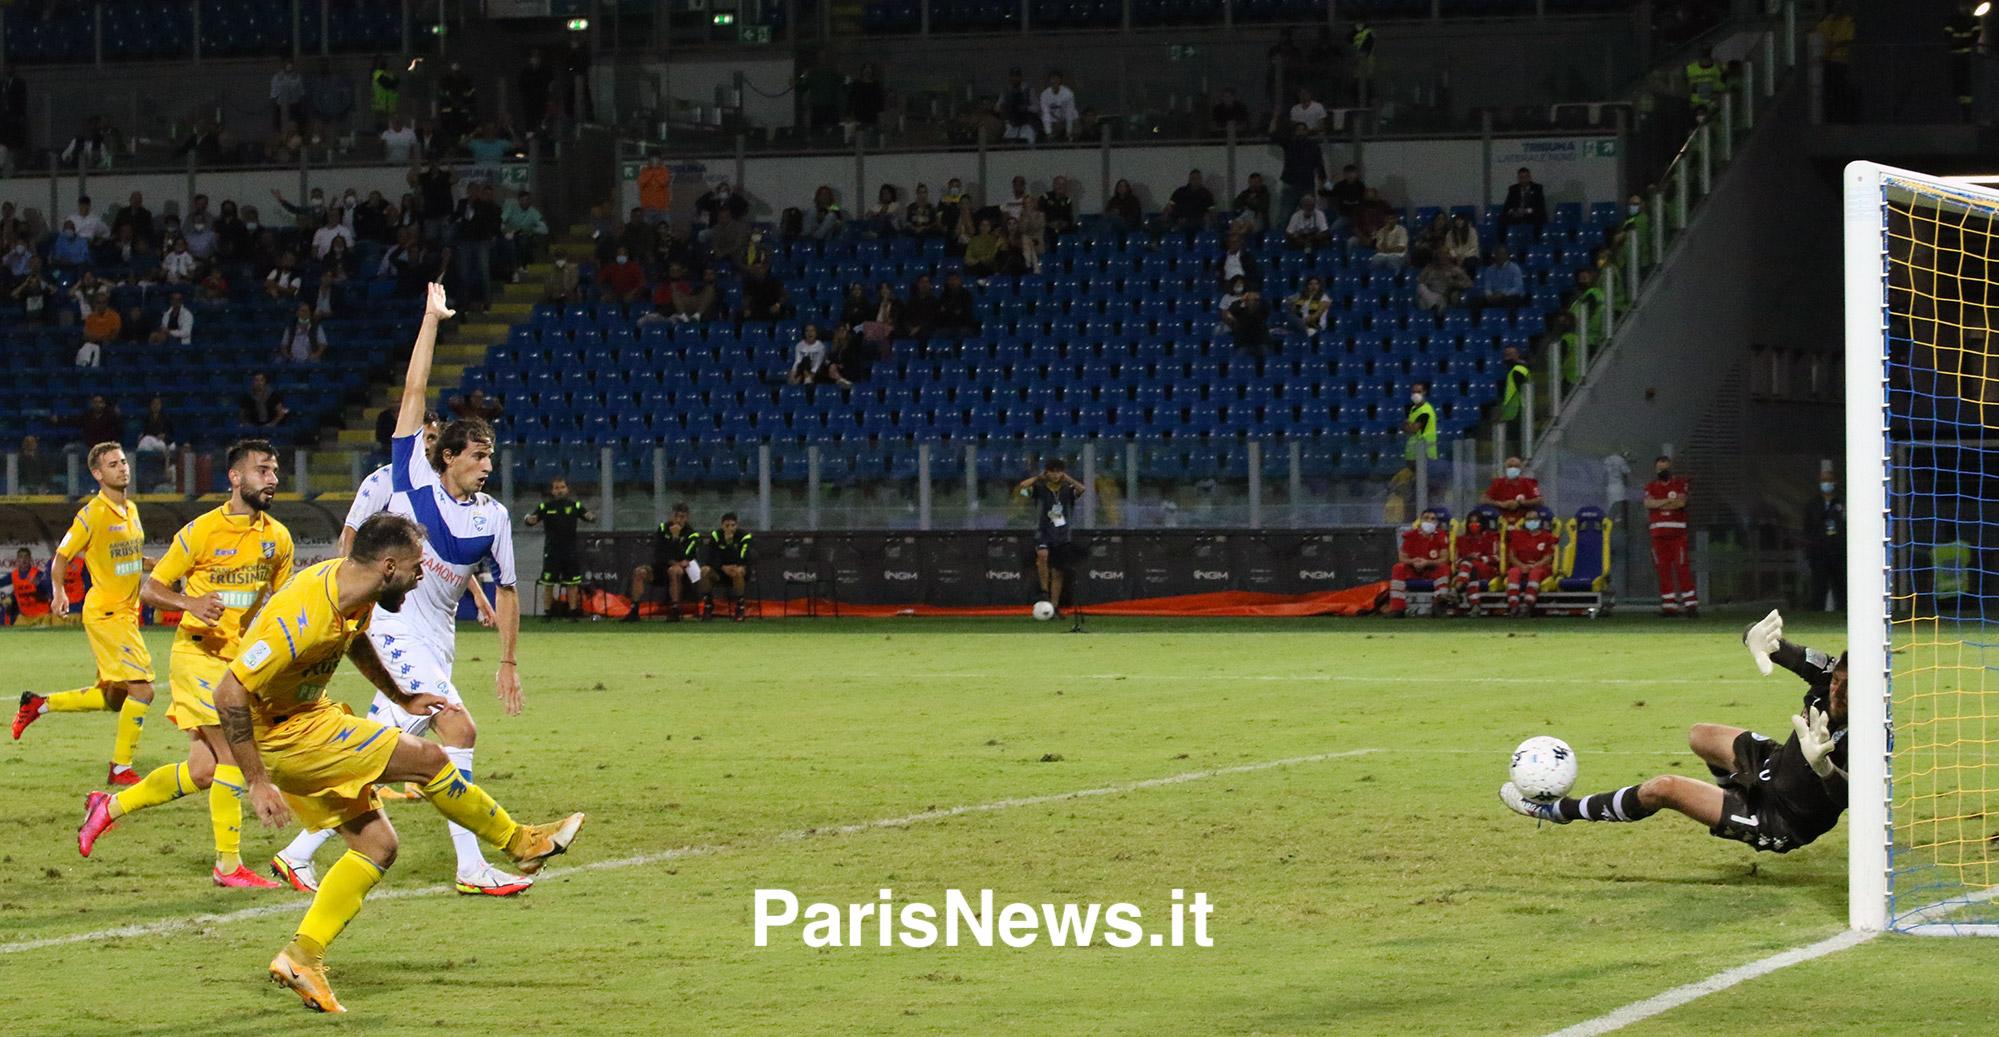 Frosinone - Brescia 2-2